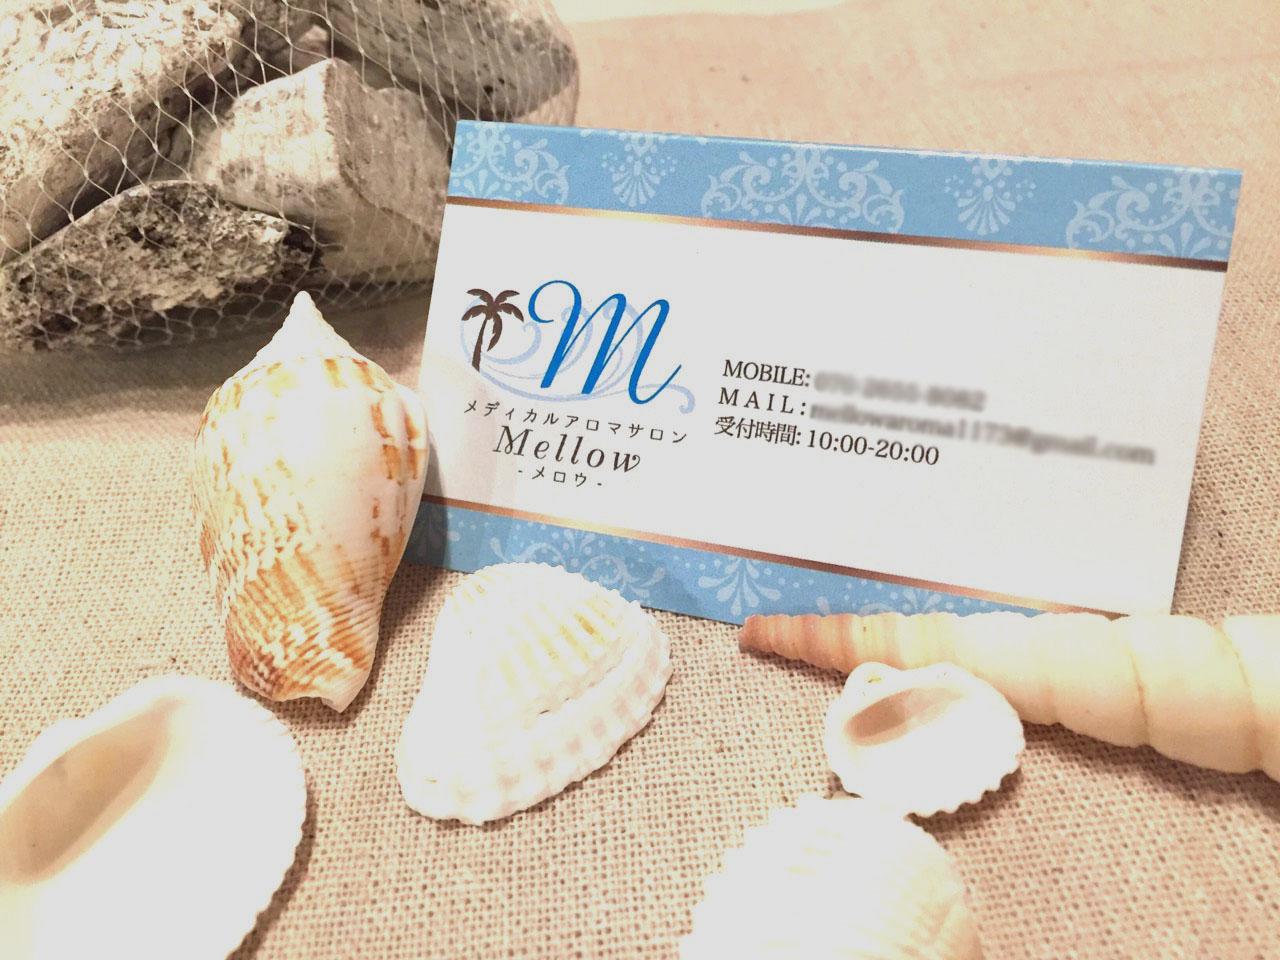 海イメージデザインショップカード